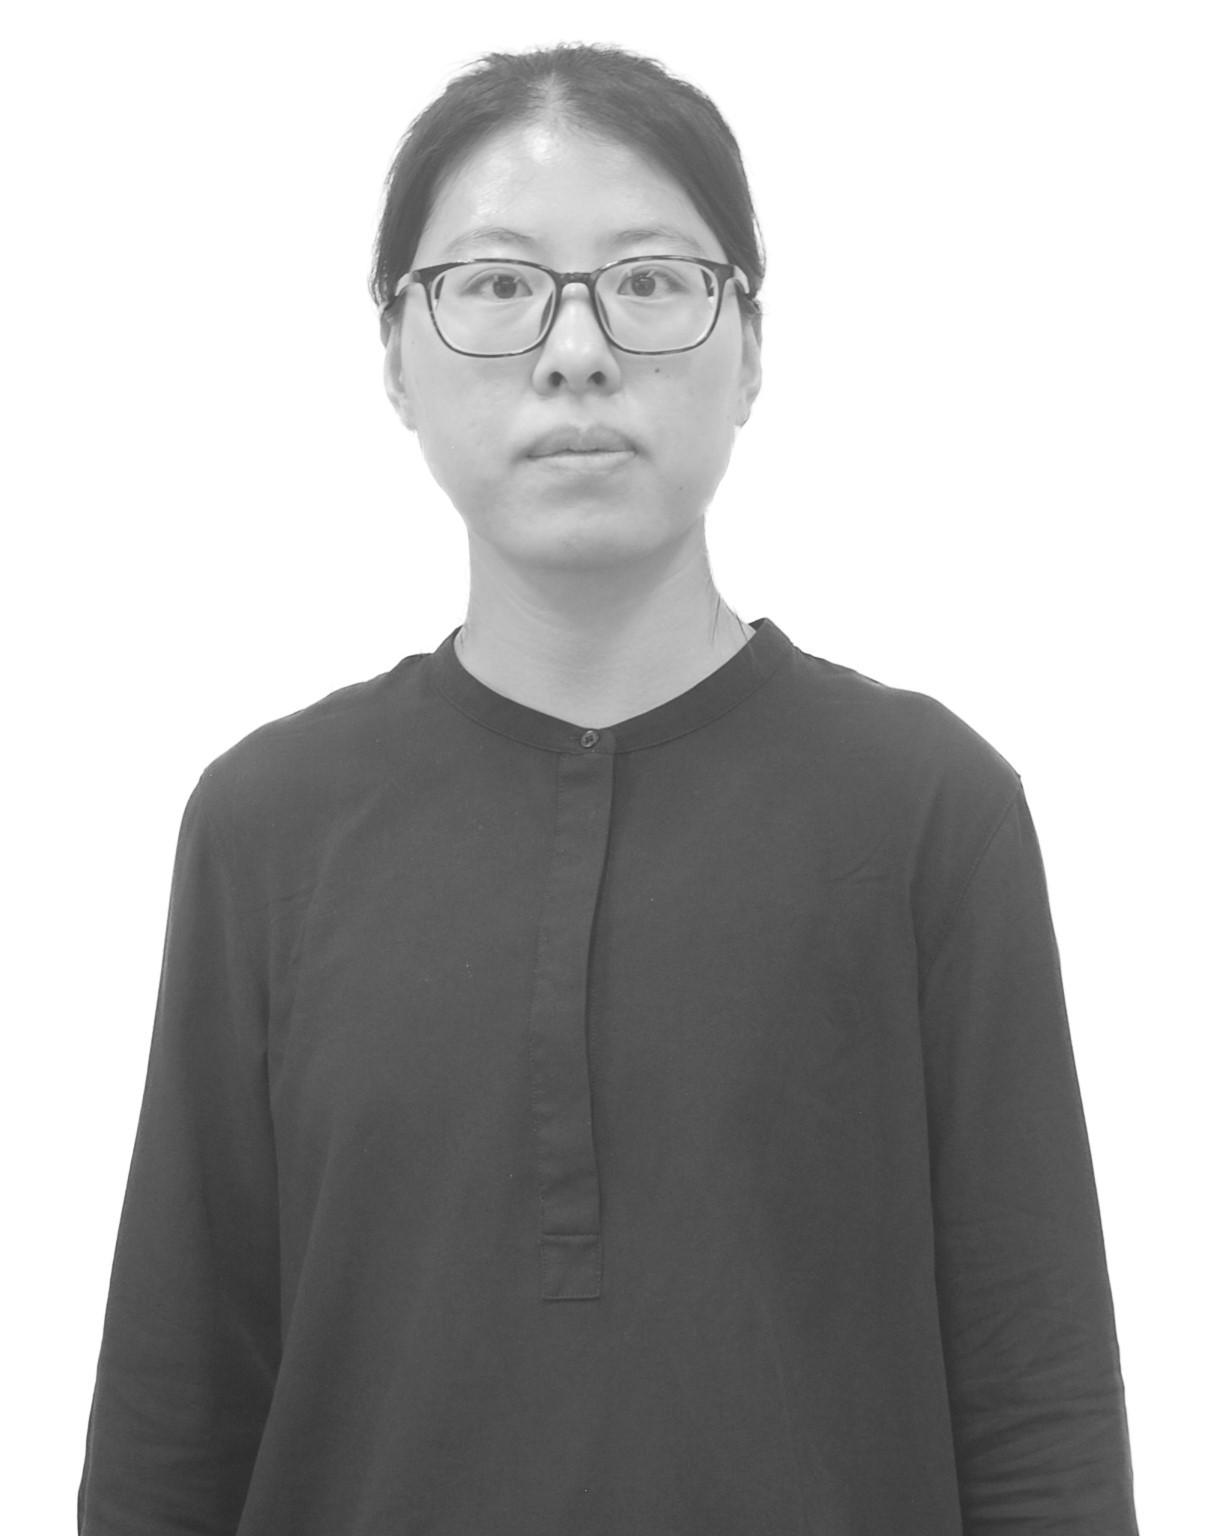 Linxiao Zhang